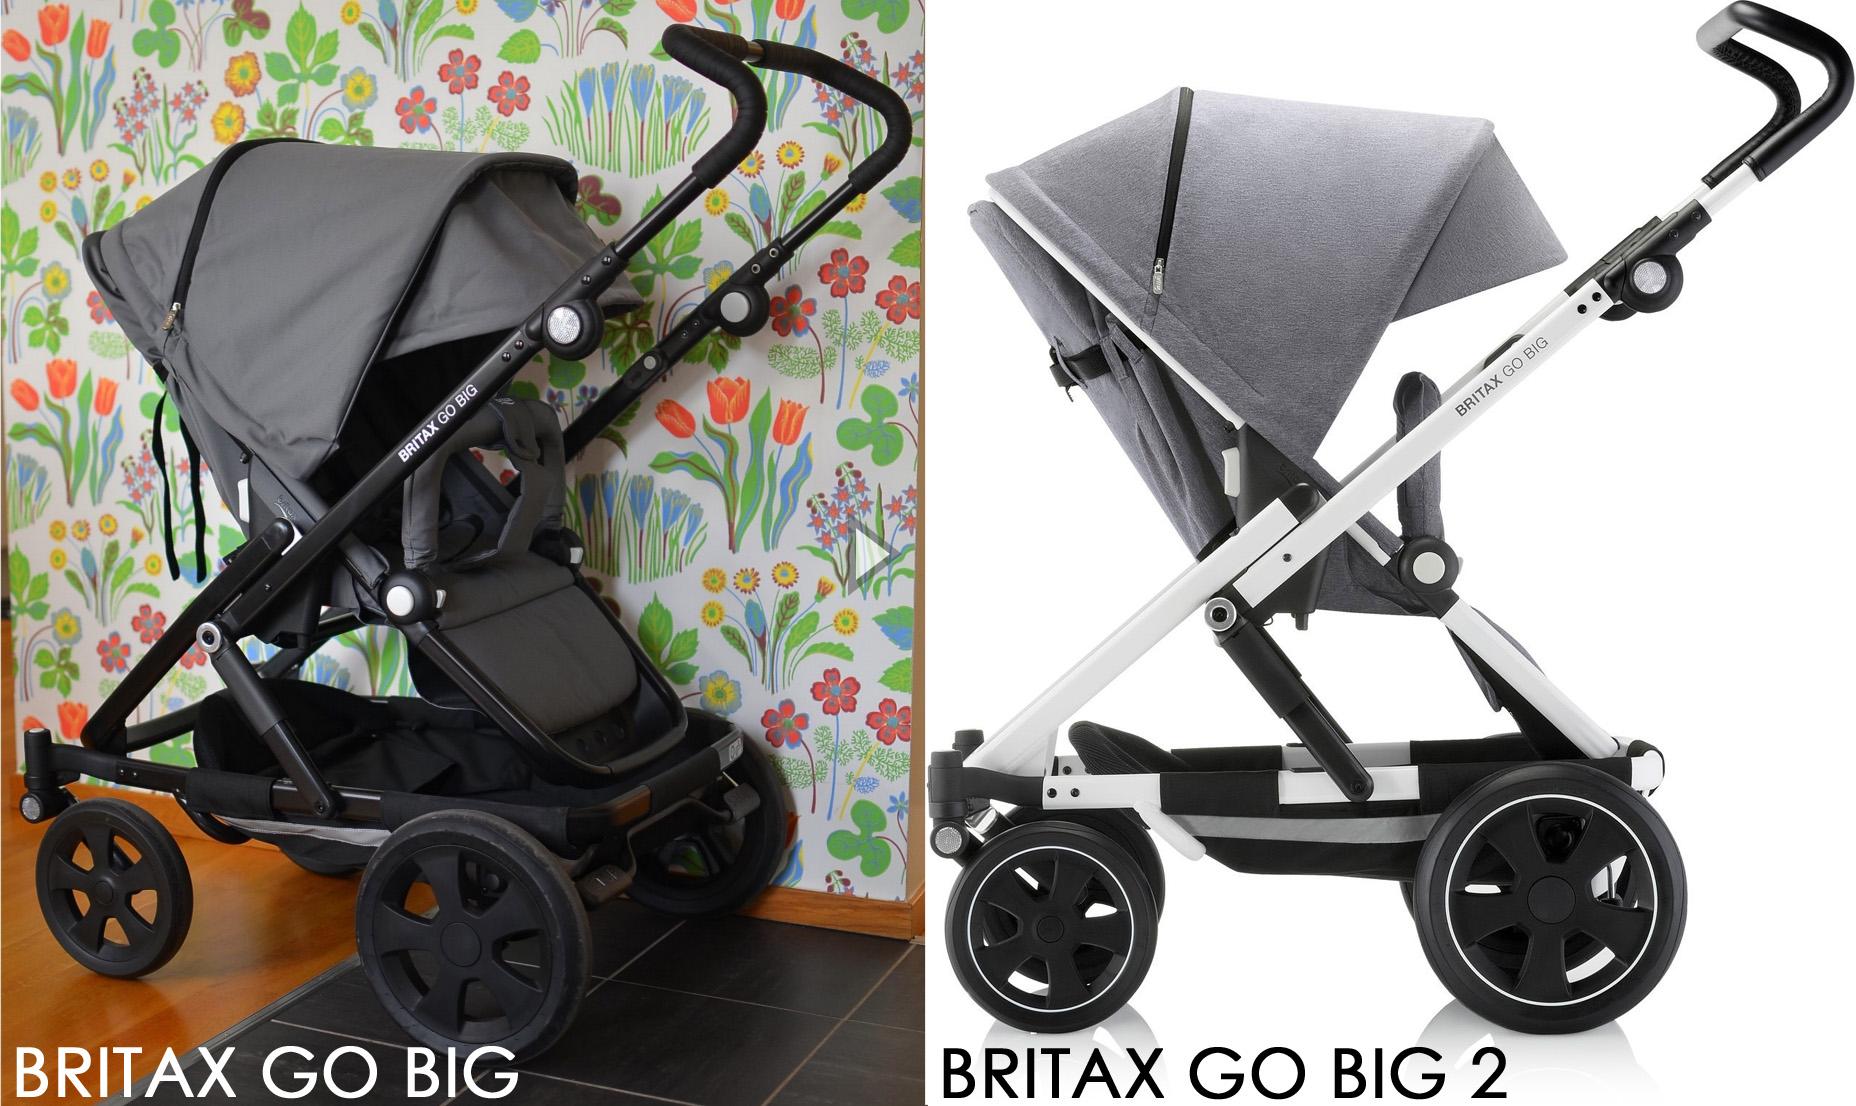 Skillnaderna mellan Britax Go Big och Britax Go Big 2